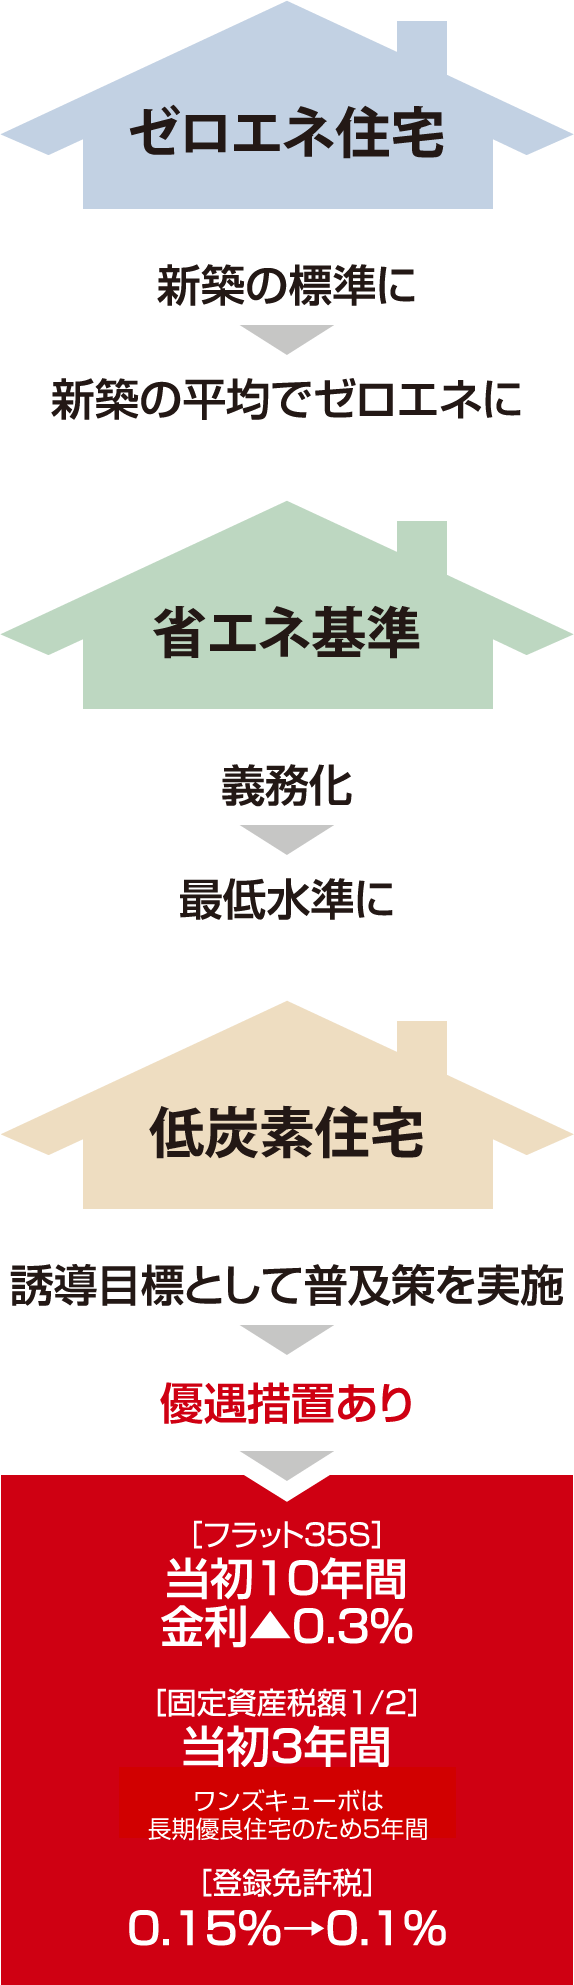 ゼロエネ住宅、省エネ基準、低炭素住宅